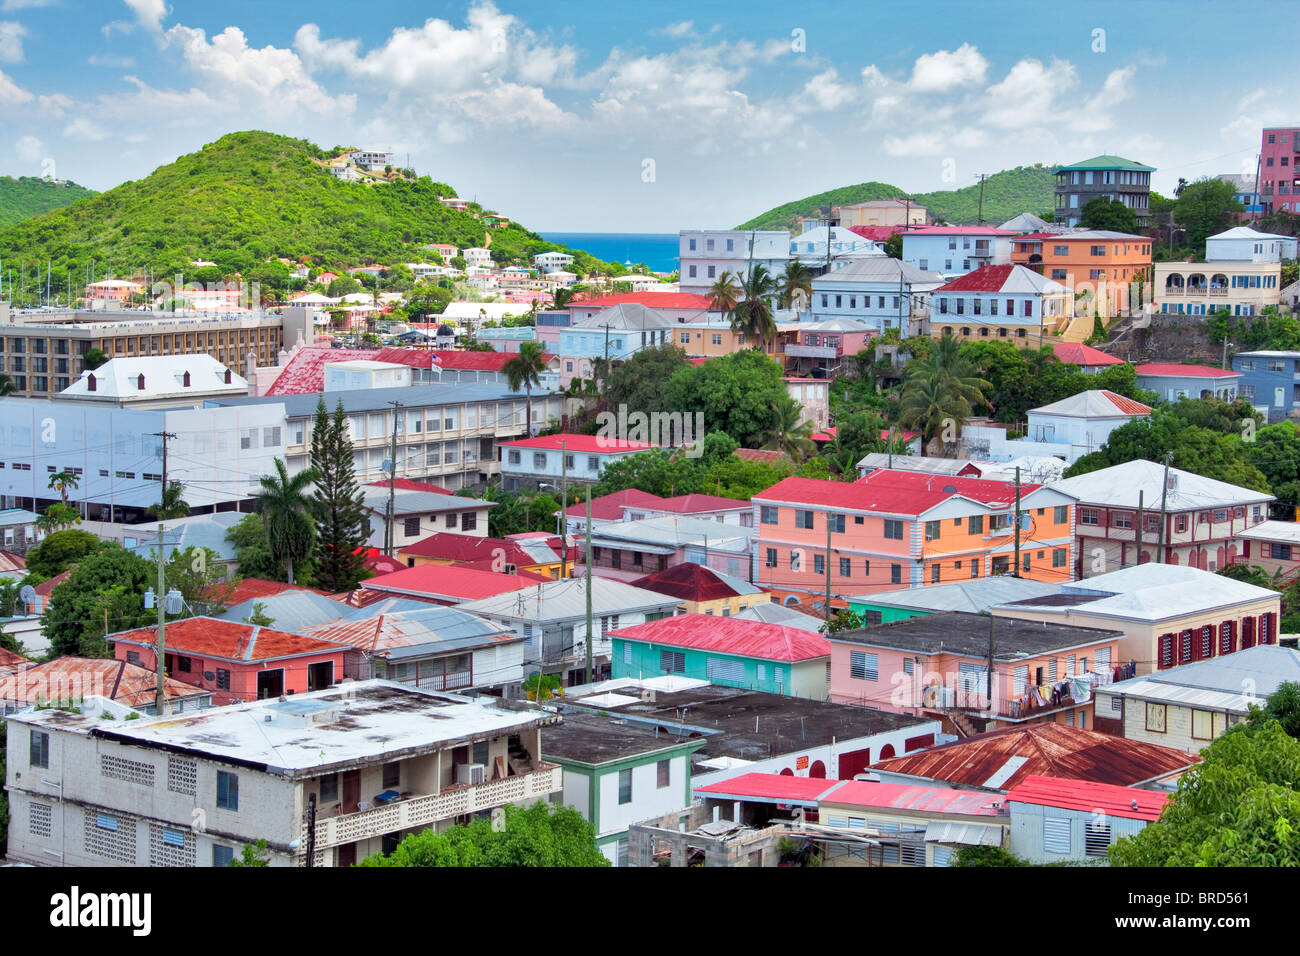 Bunte Häuser in Charllote Amalle. St. Thomas. Jungferninseln (US). Stockbild